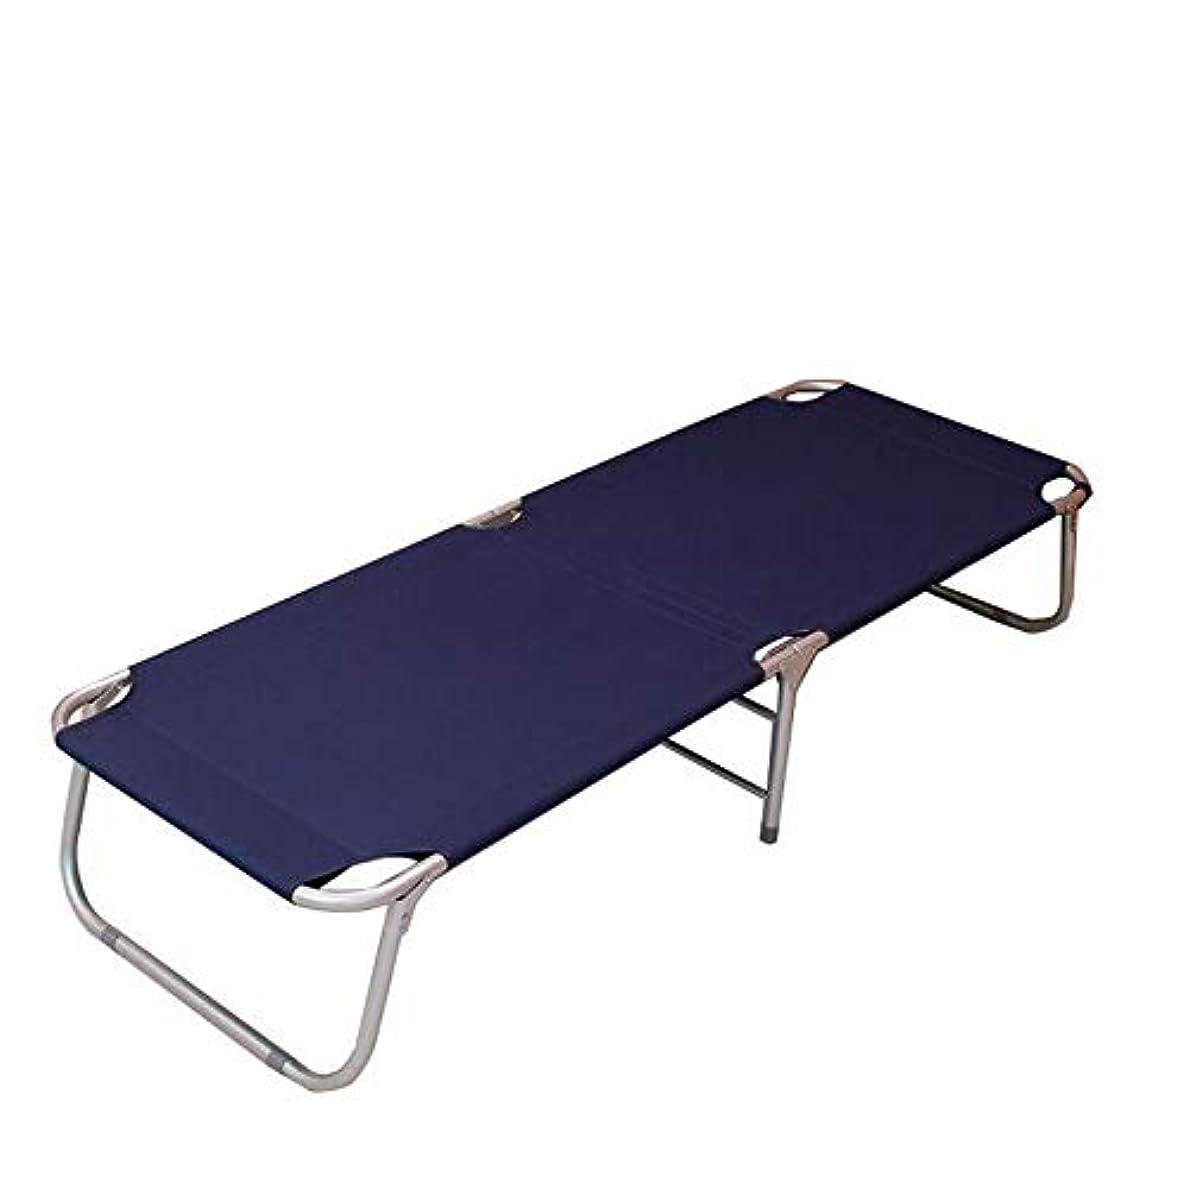 折りたたみベッドシンプルベッドキャンプベッドシングルベッド用大人子供ランチブレイクオフィスポータブルエスコートベッド